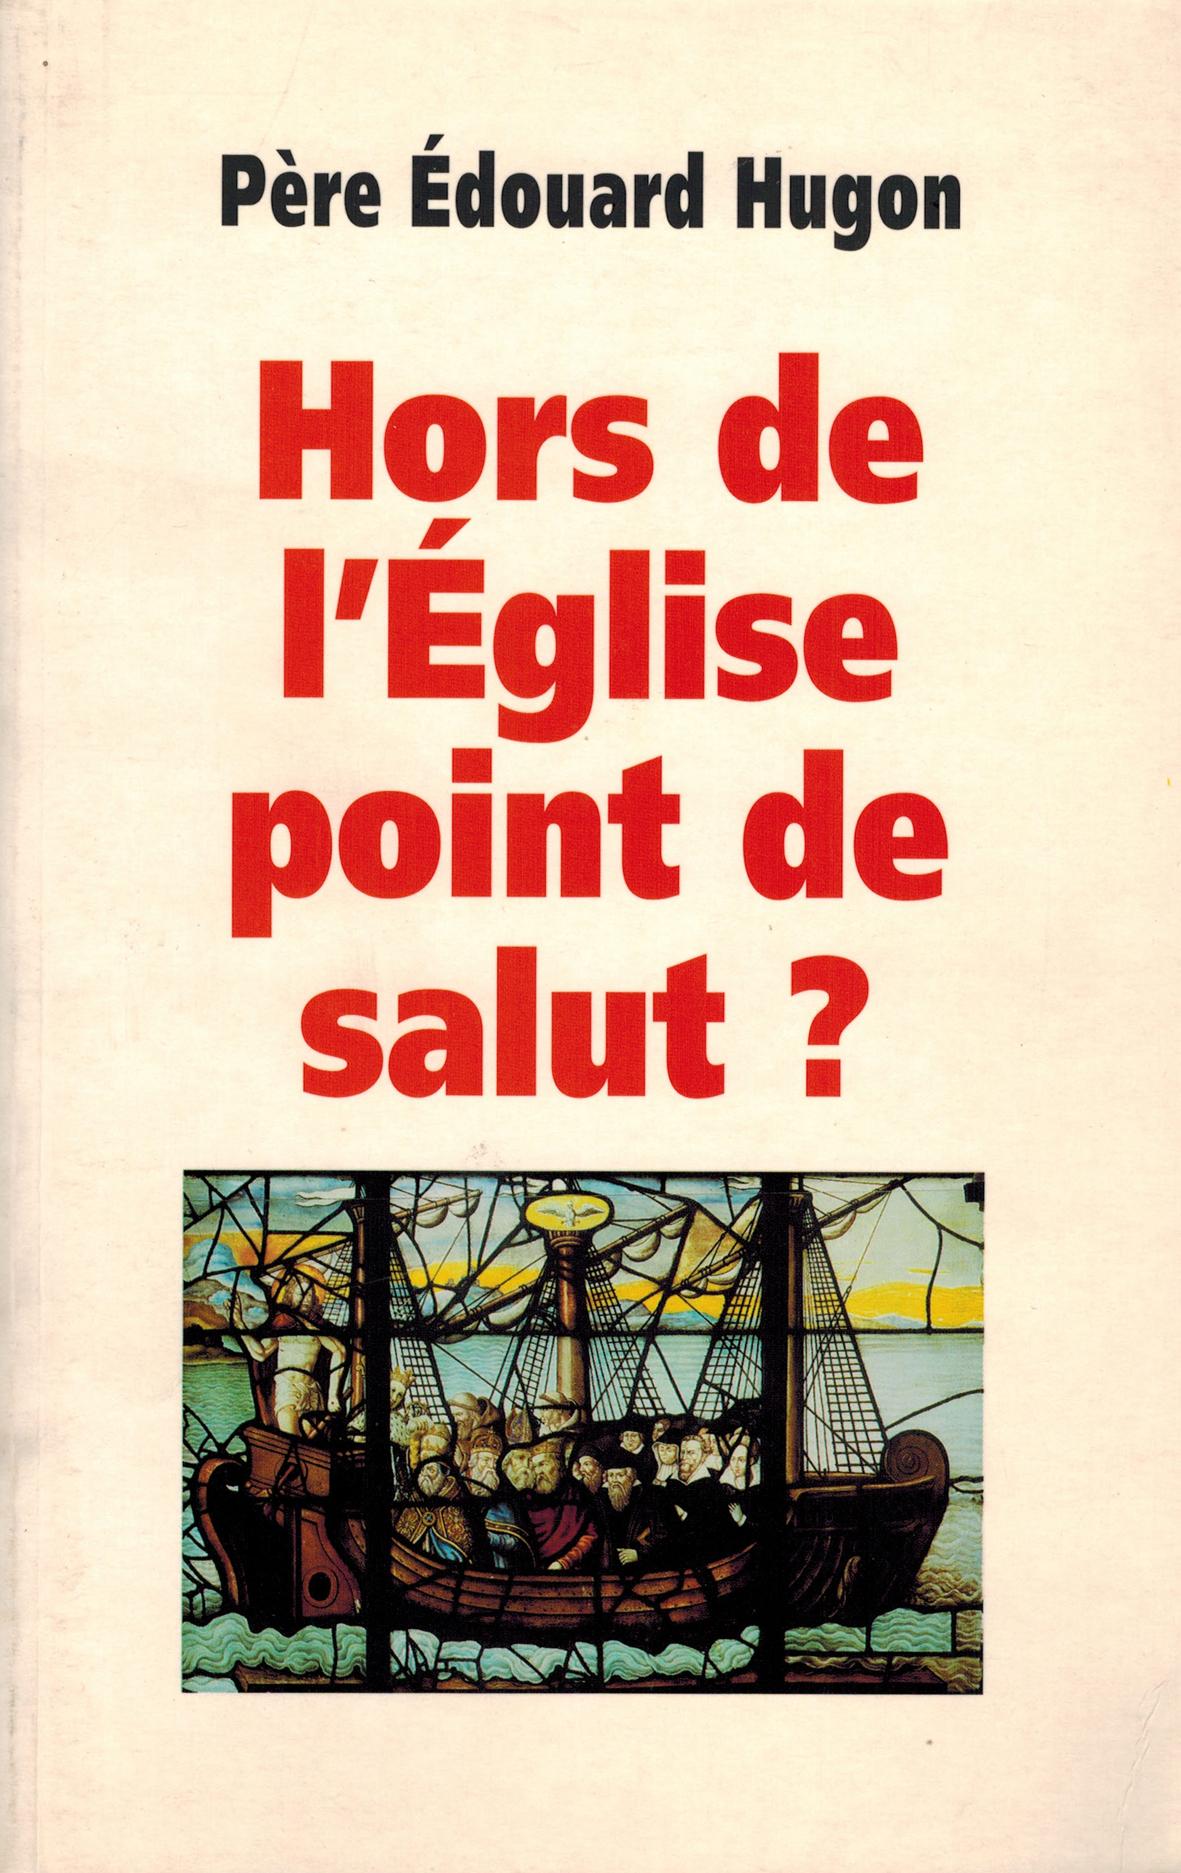 HORS DE L'EGLISE POINT DE SALUT?